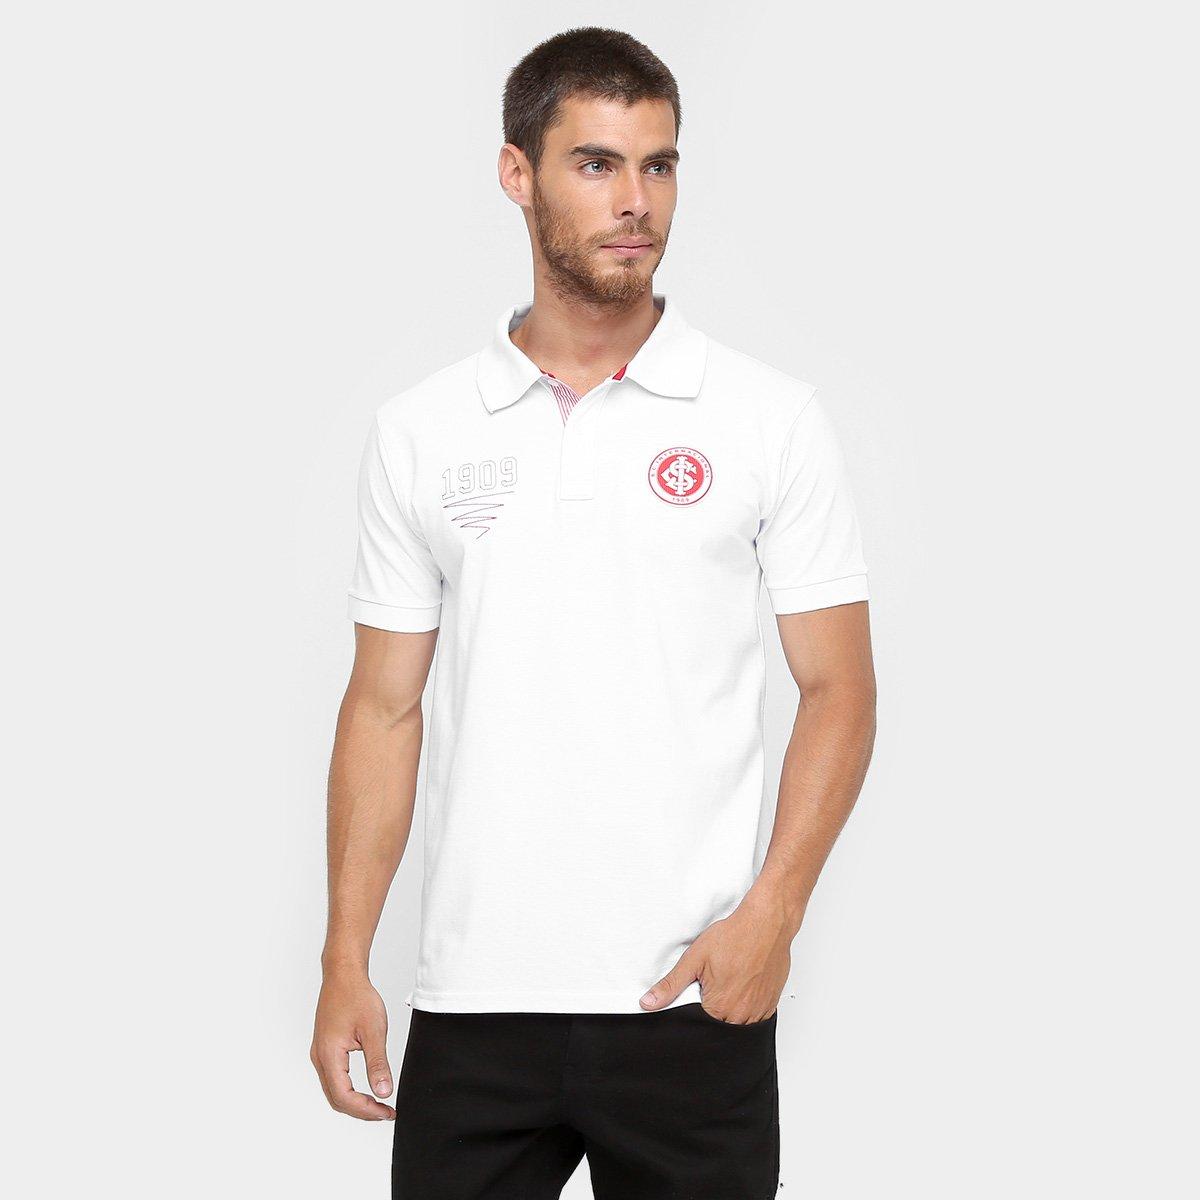 Camisa Polo Internacional Para Sempre Masculina - Compre Agora ... e8fc68573a20c